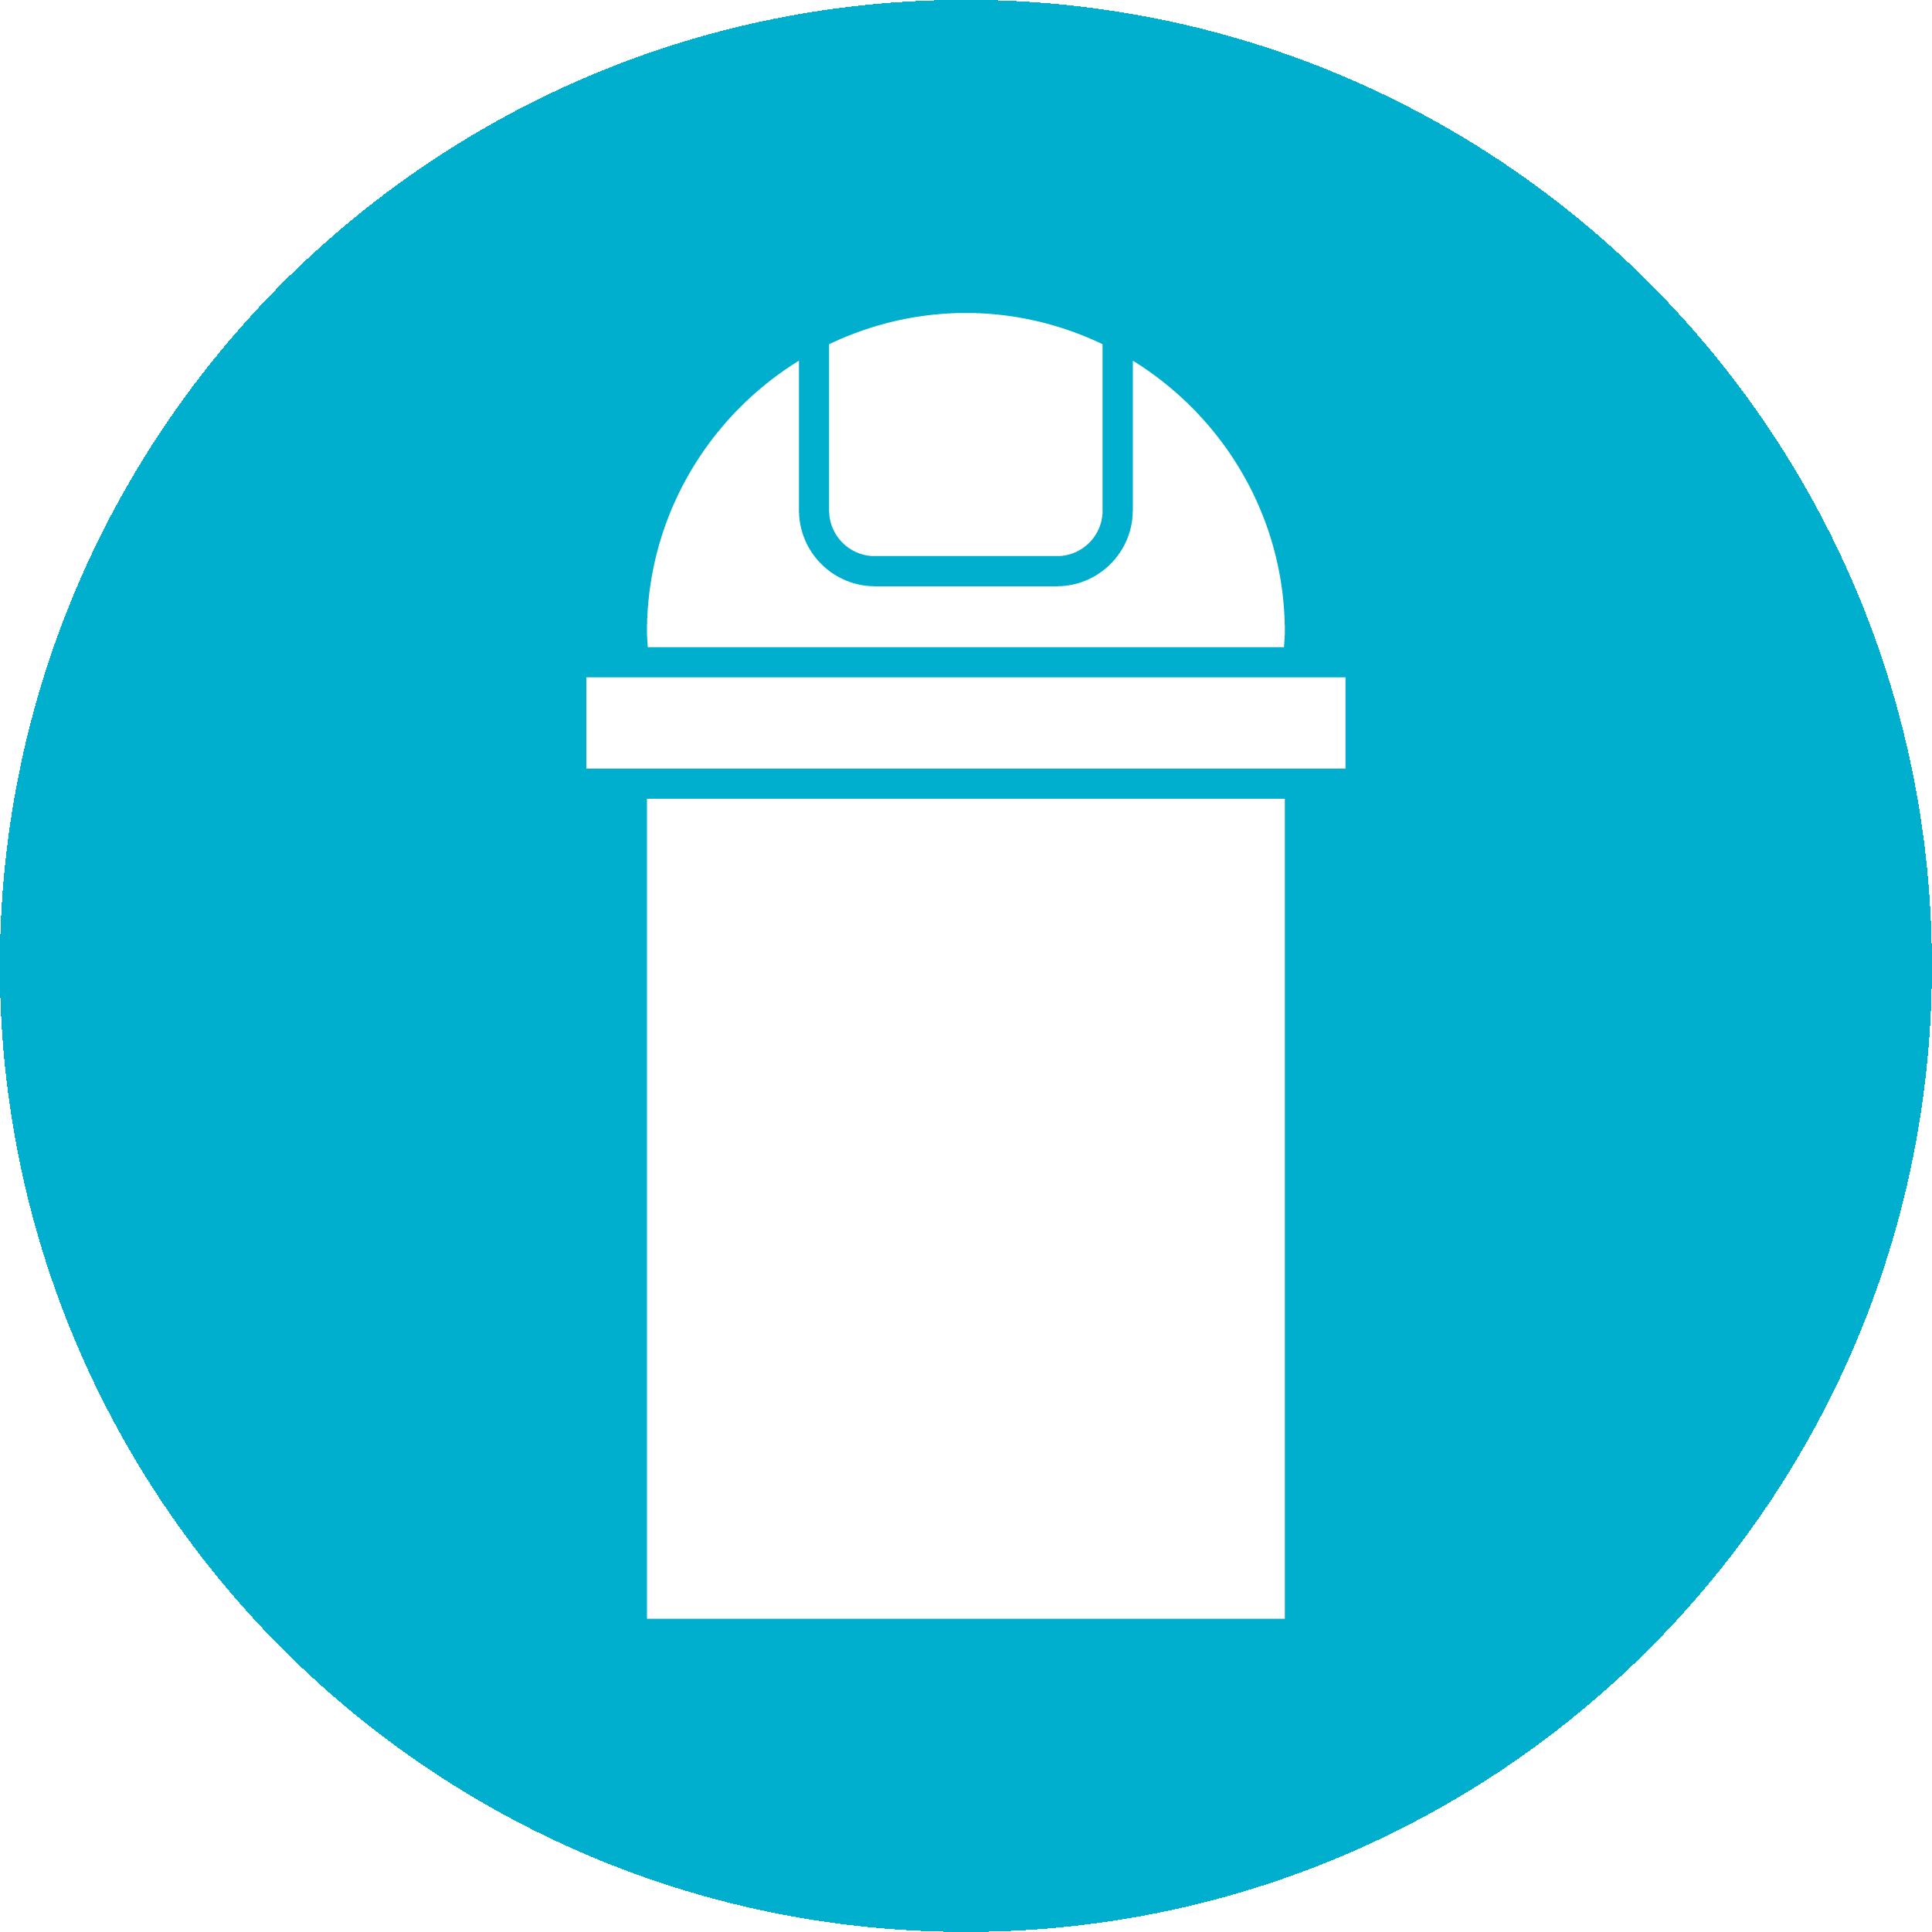 Afvalwerking, prullenbakken, containers en afvalzakken